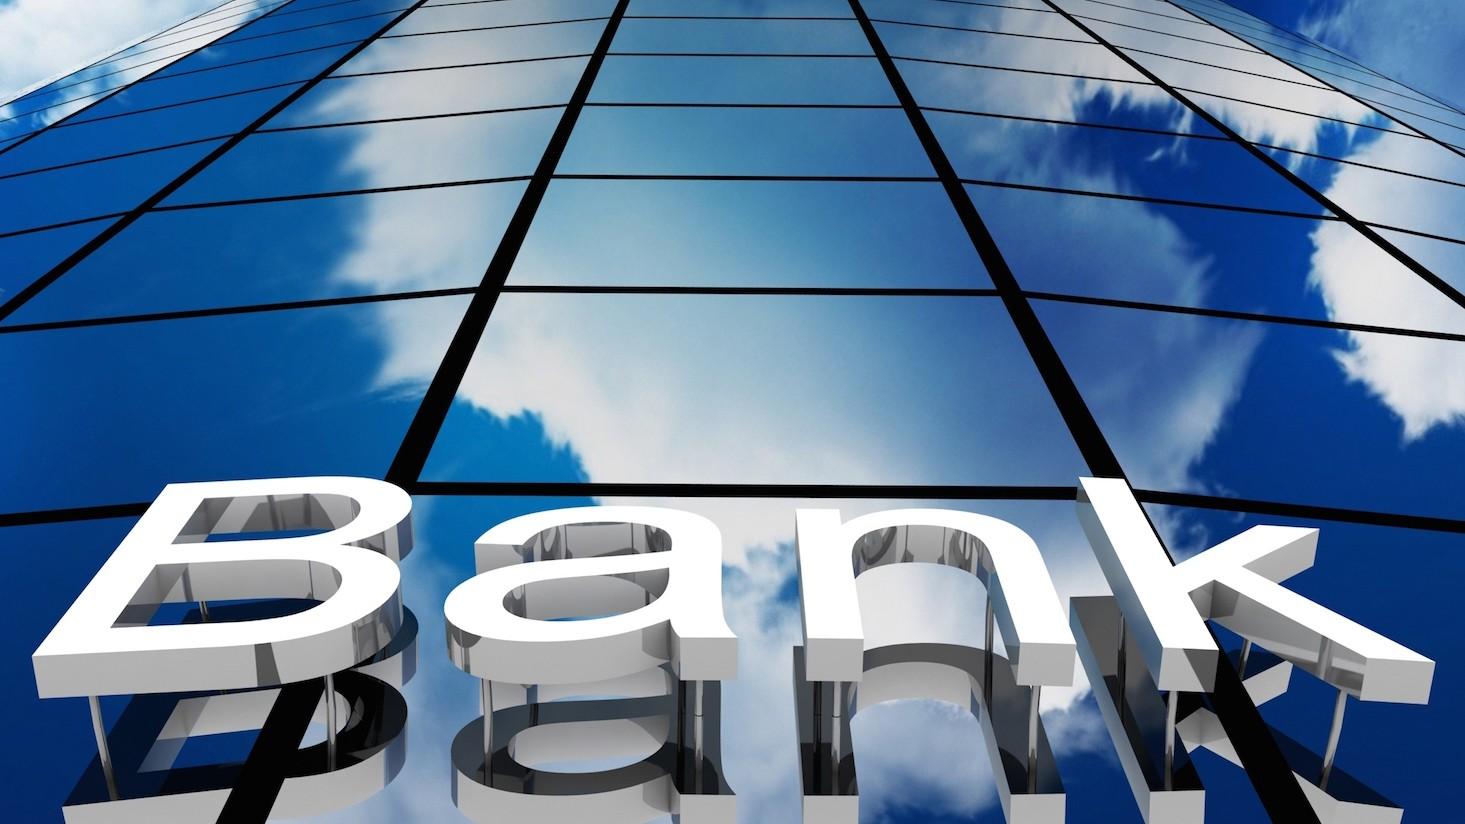 Bankların faiz gəlirlərində vəziyyət necədir?